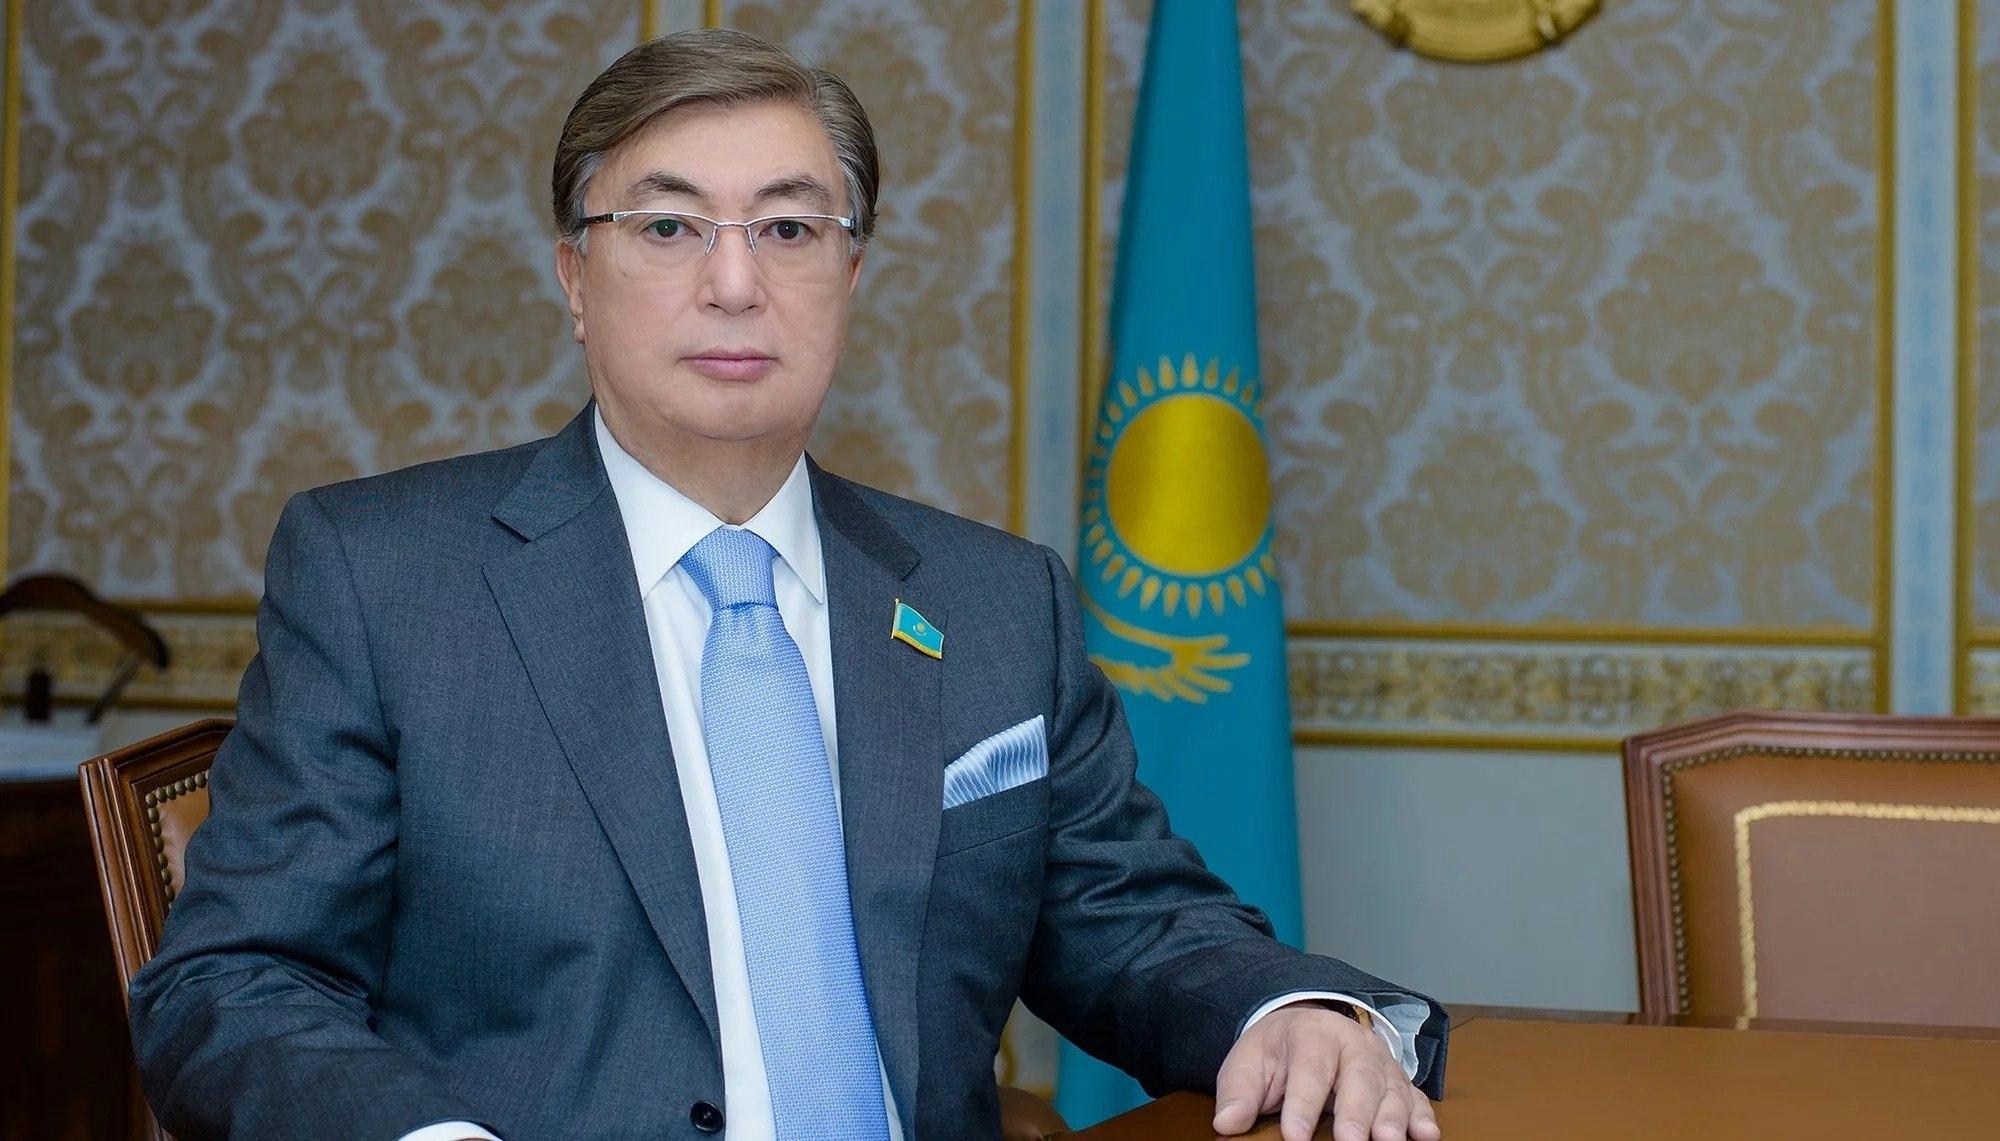 Касым-Жомарт Токаев назвал своевременным решение Назарбаева об отставке правительства